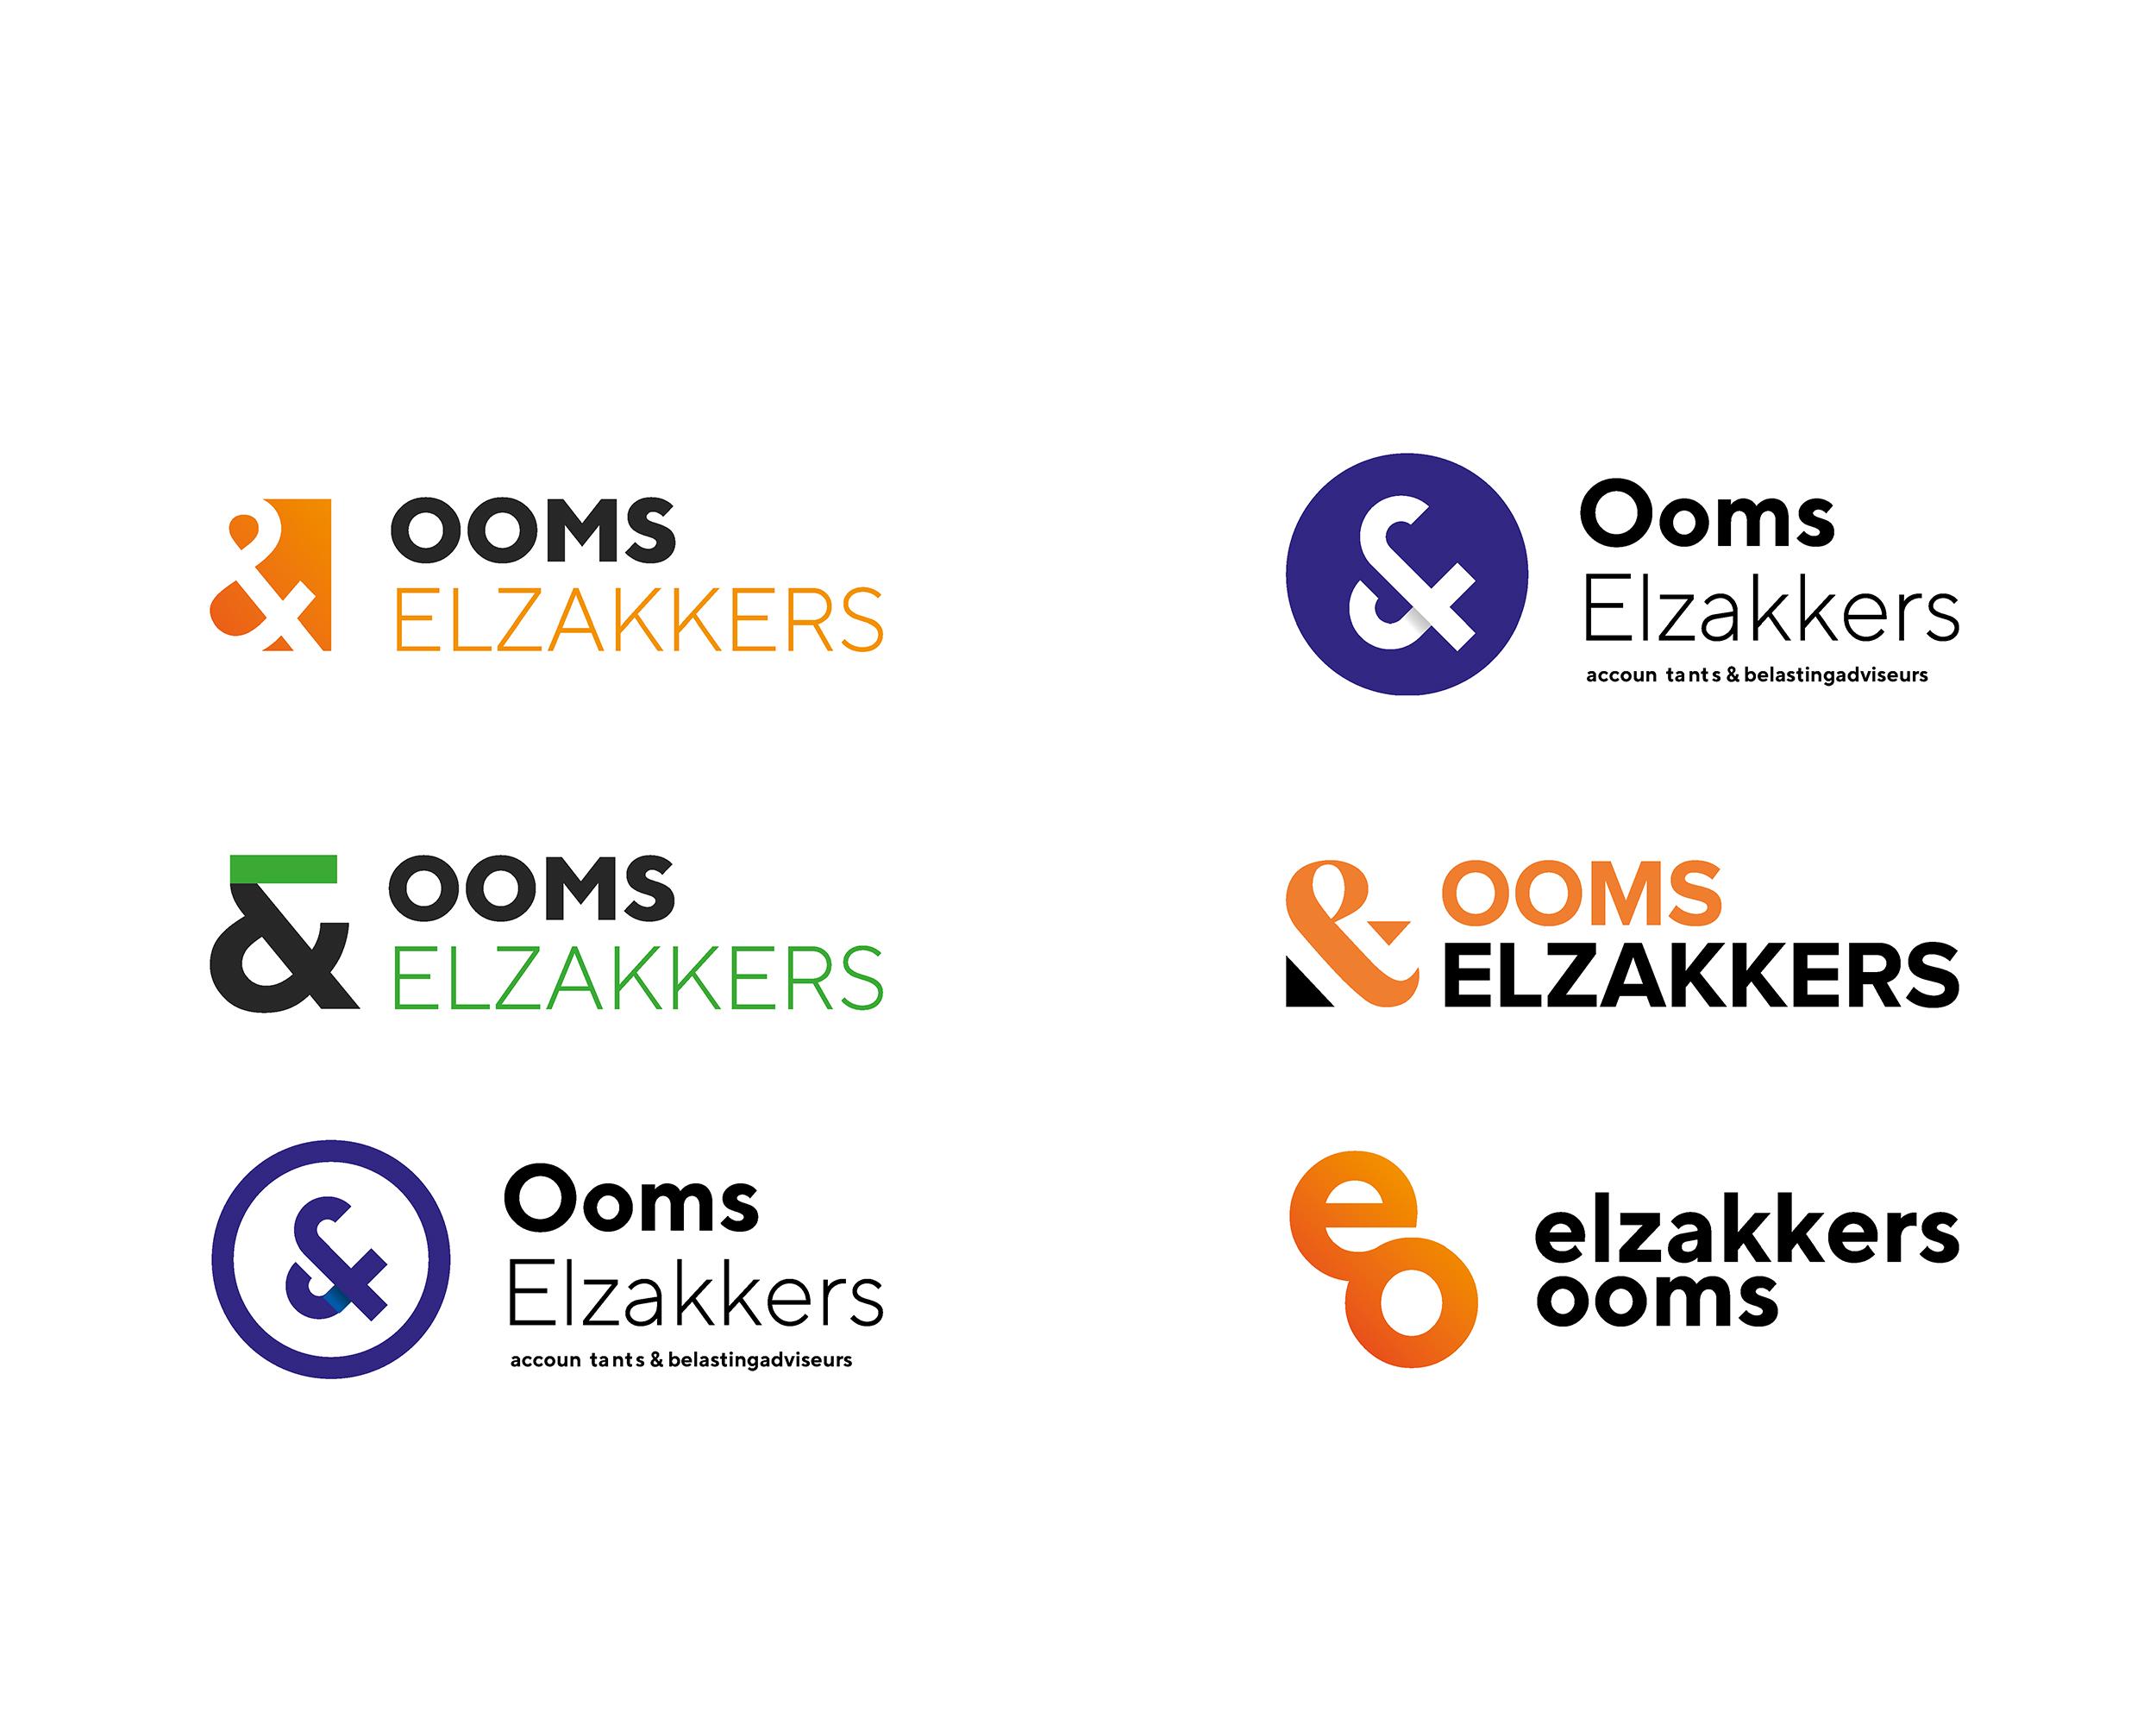 Assets_Ooms-en-Elzakkers_1